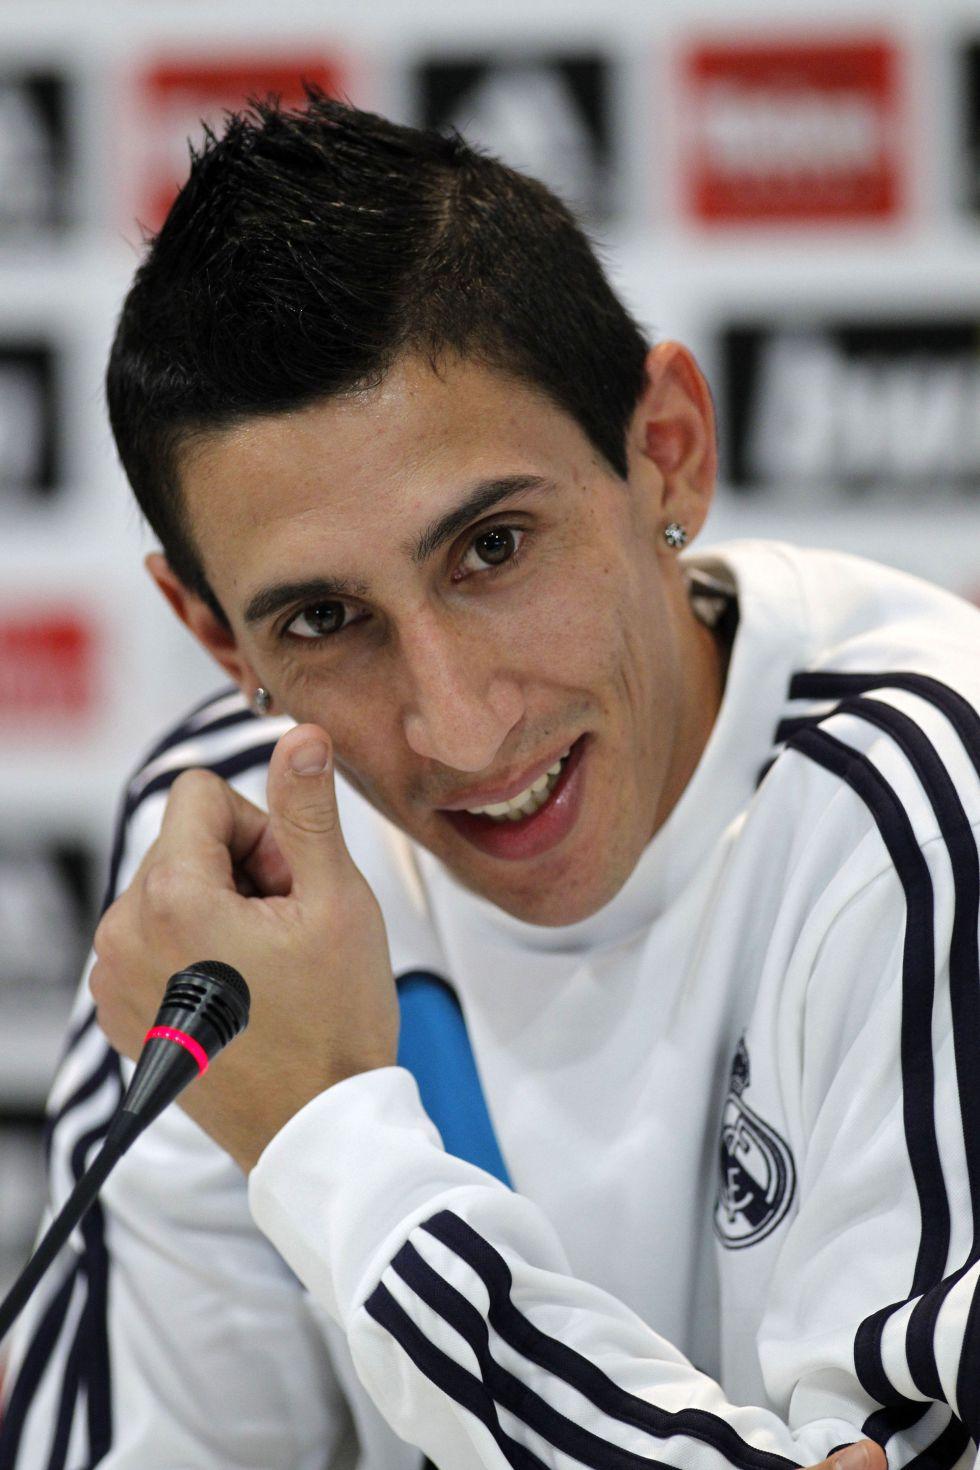 El Manchester United insiste en fichar a Di María según 'A Bola'